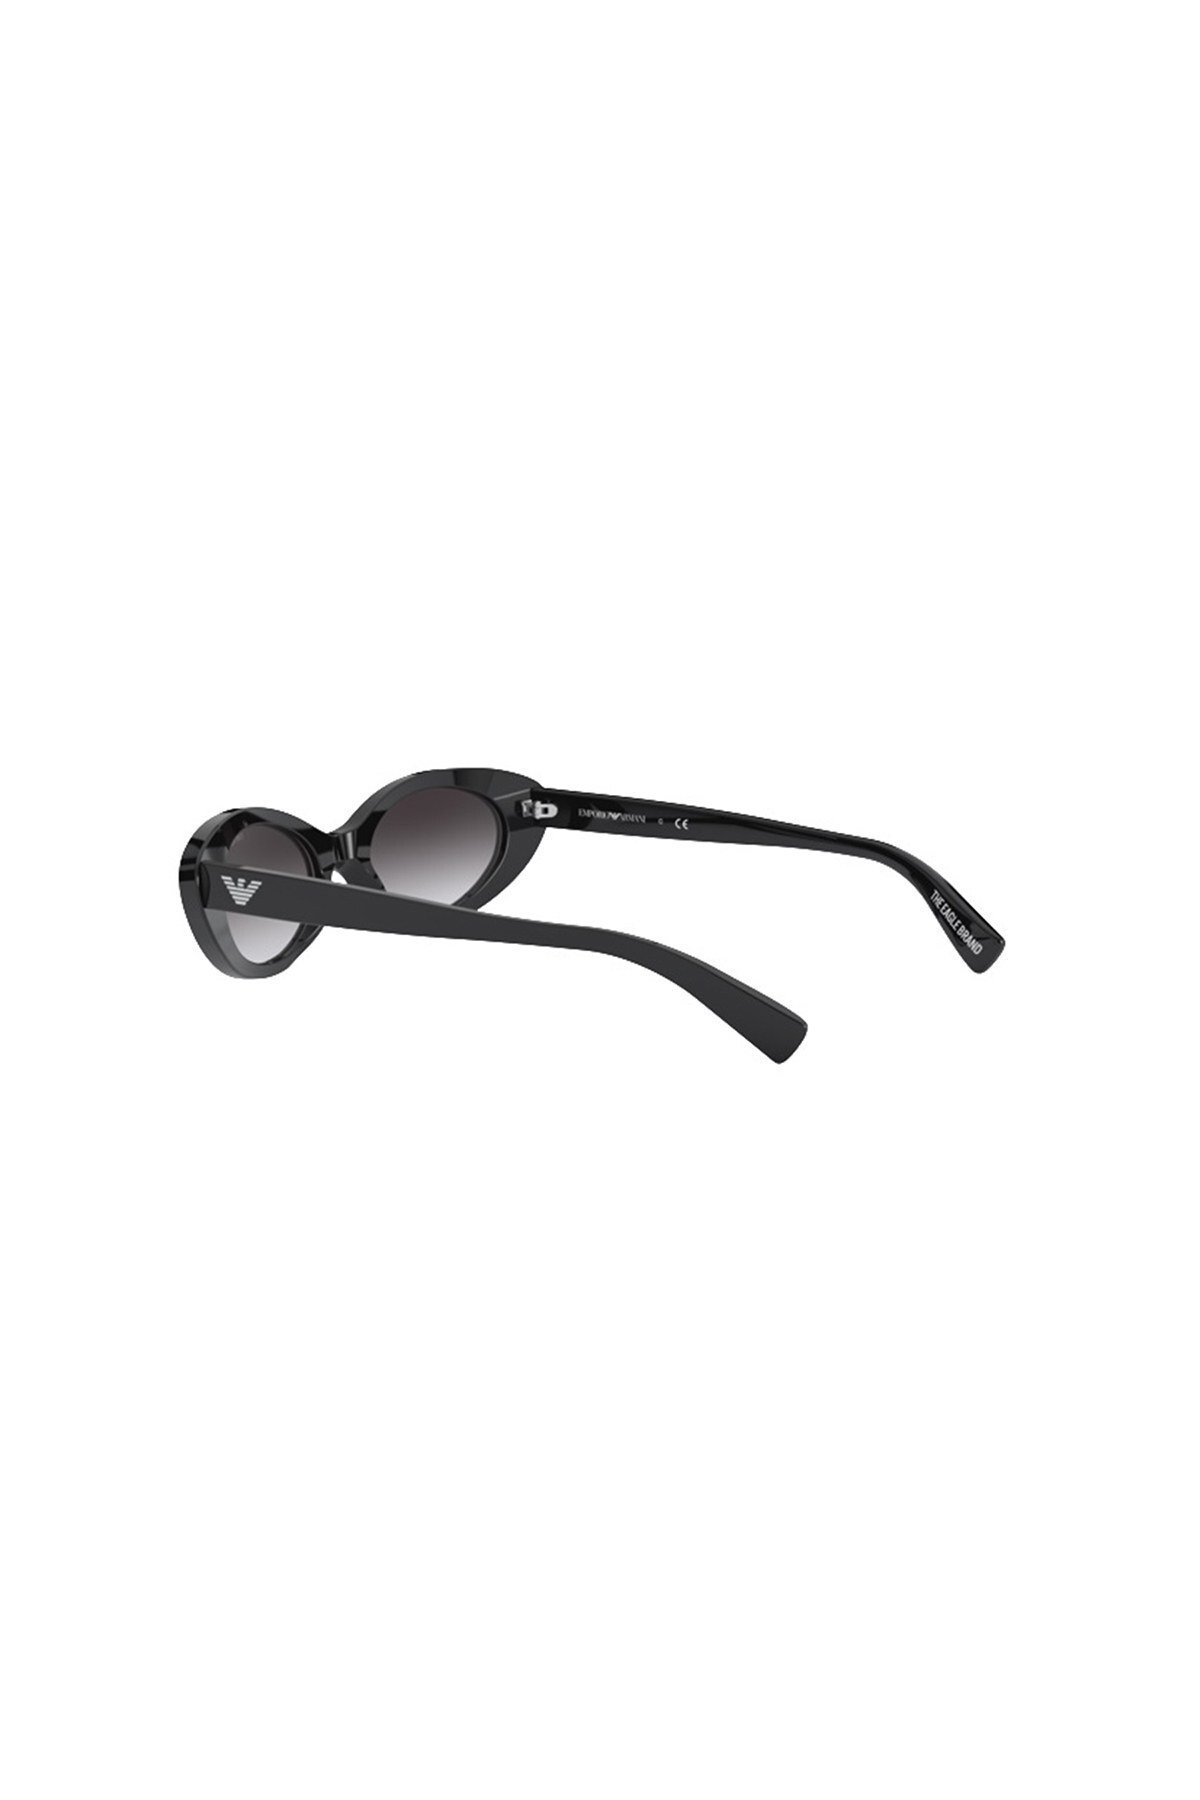 Emporio Armani Kadın Gözlük 0EA4143 50018G 52 SİYAH